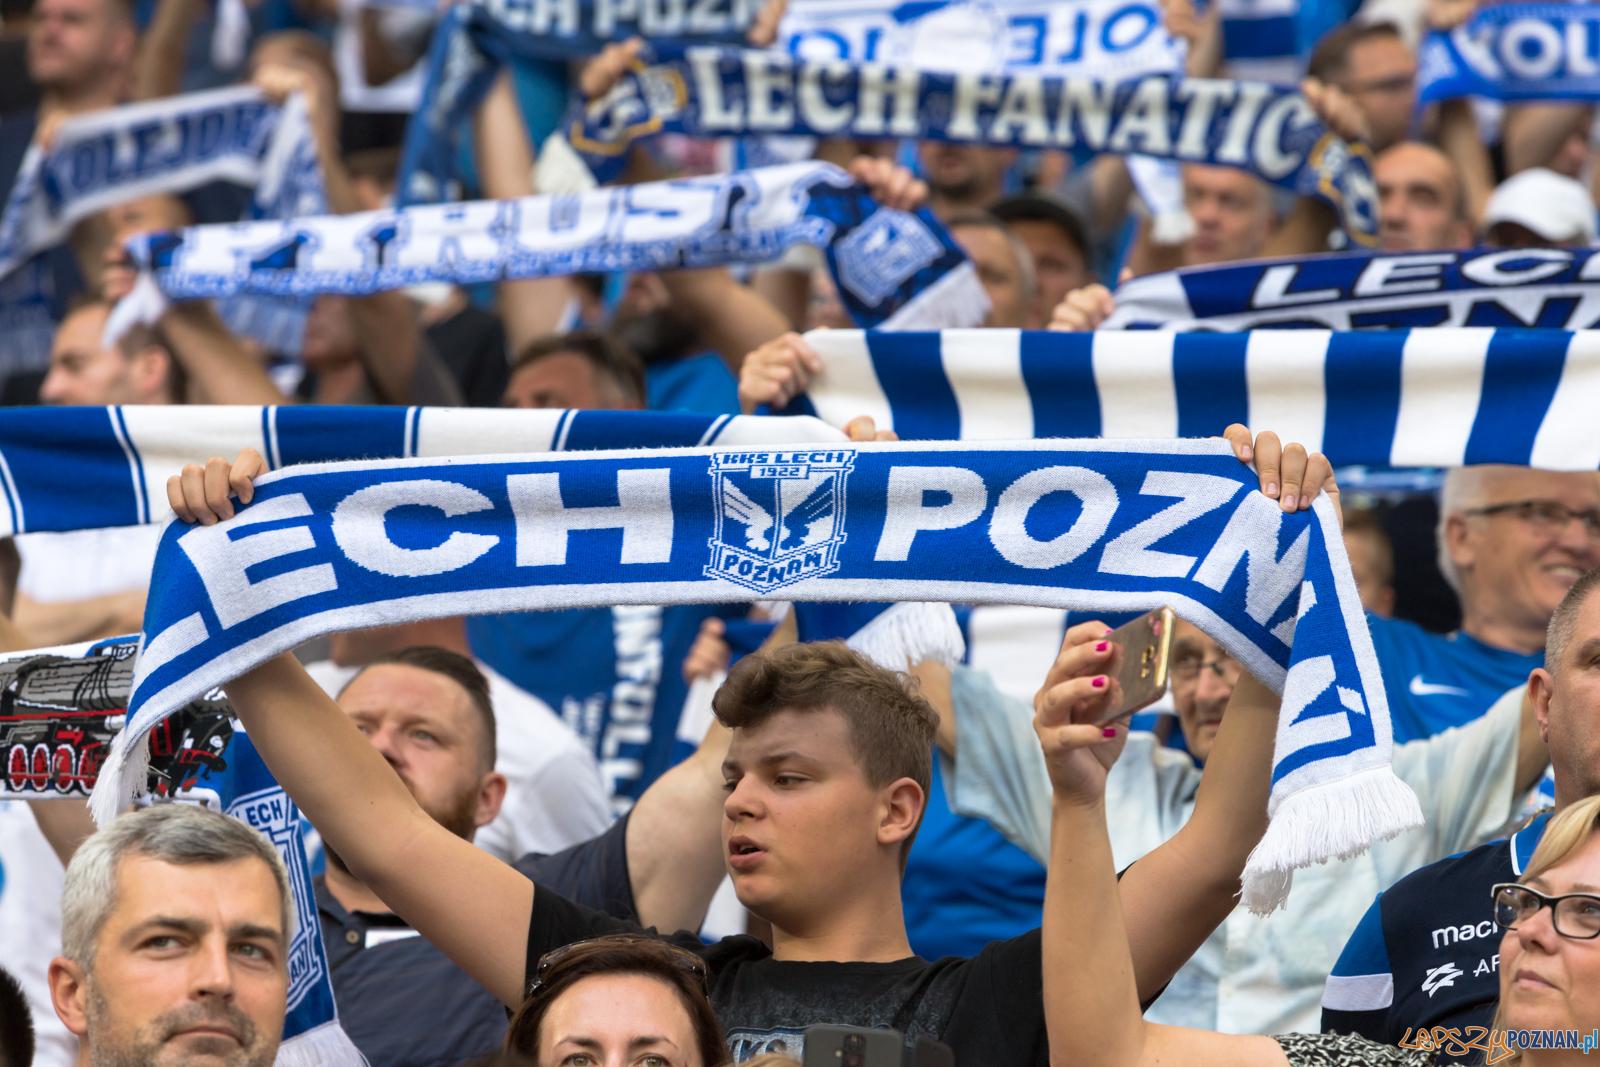 Lech Poznań - Cracovia (najlepsi kibice na świecie)  Foto: lepszyPOZNAN.pl/Piotr Rychter